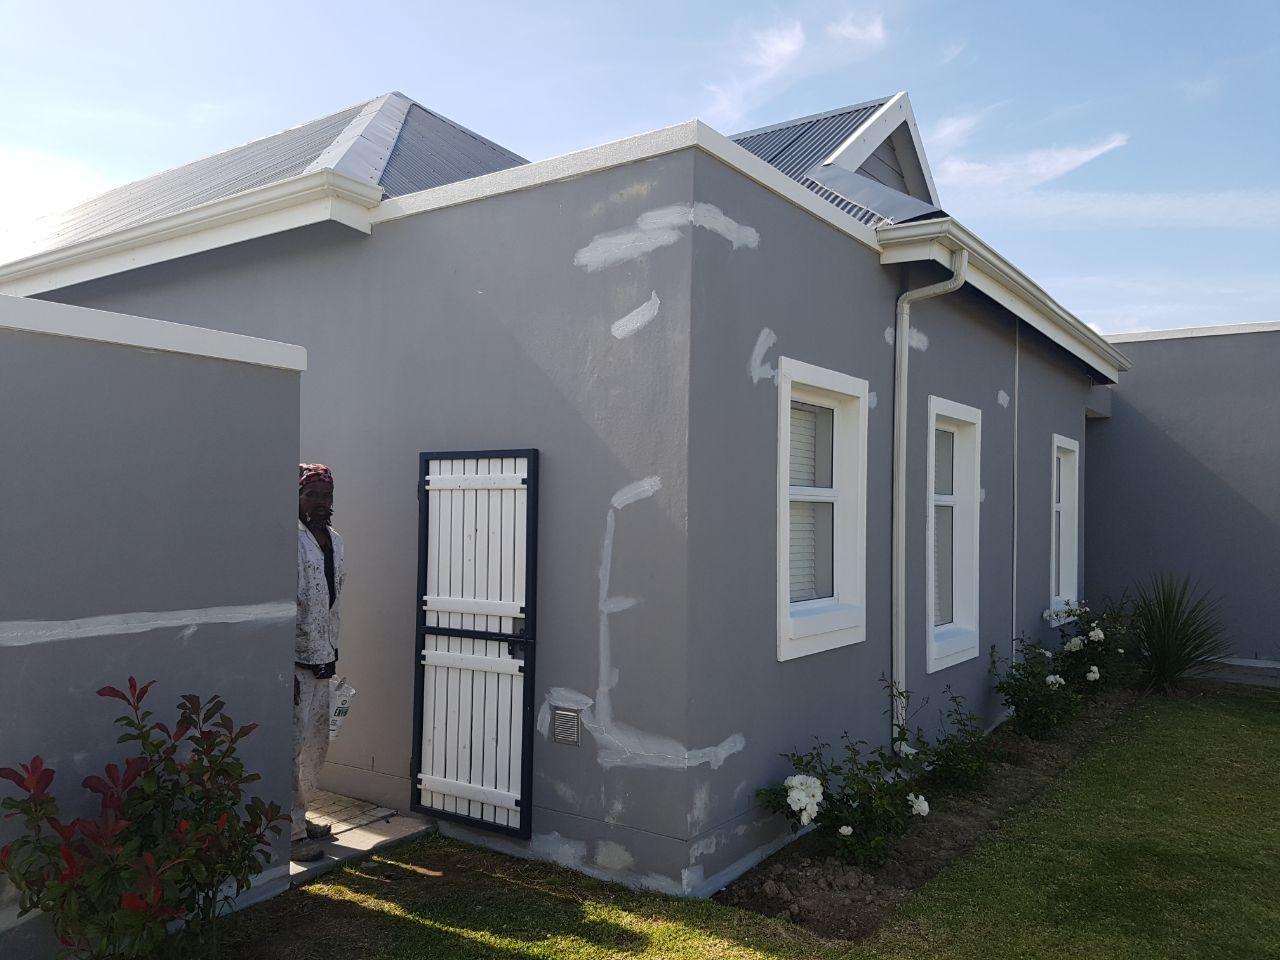 Kraaibosch manor paint contractor george